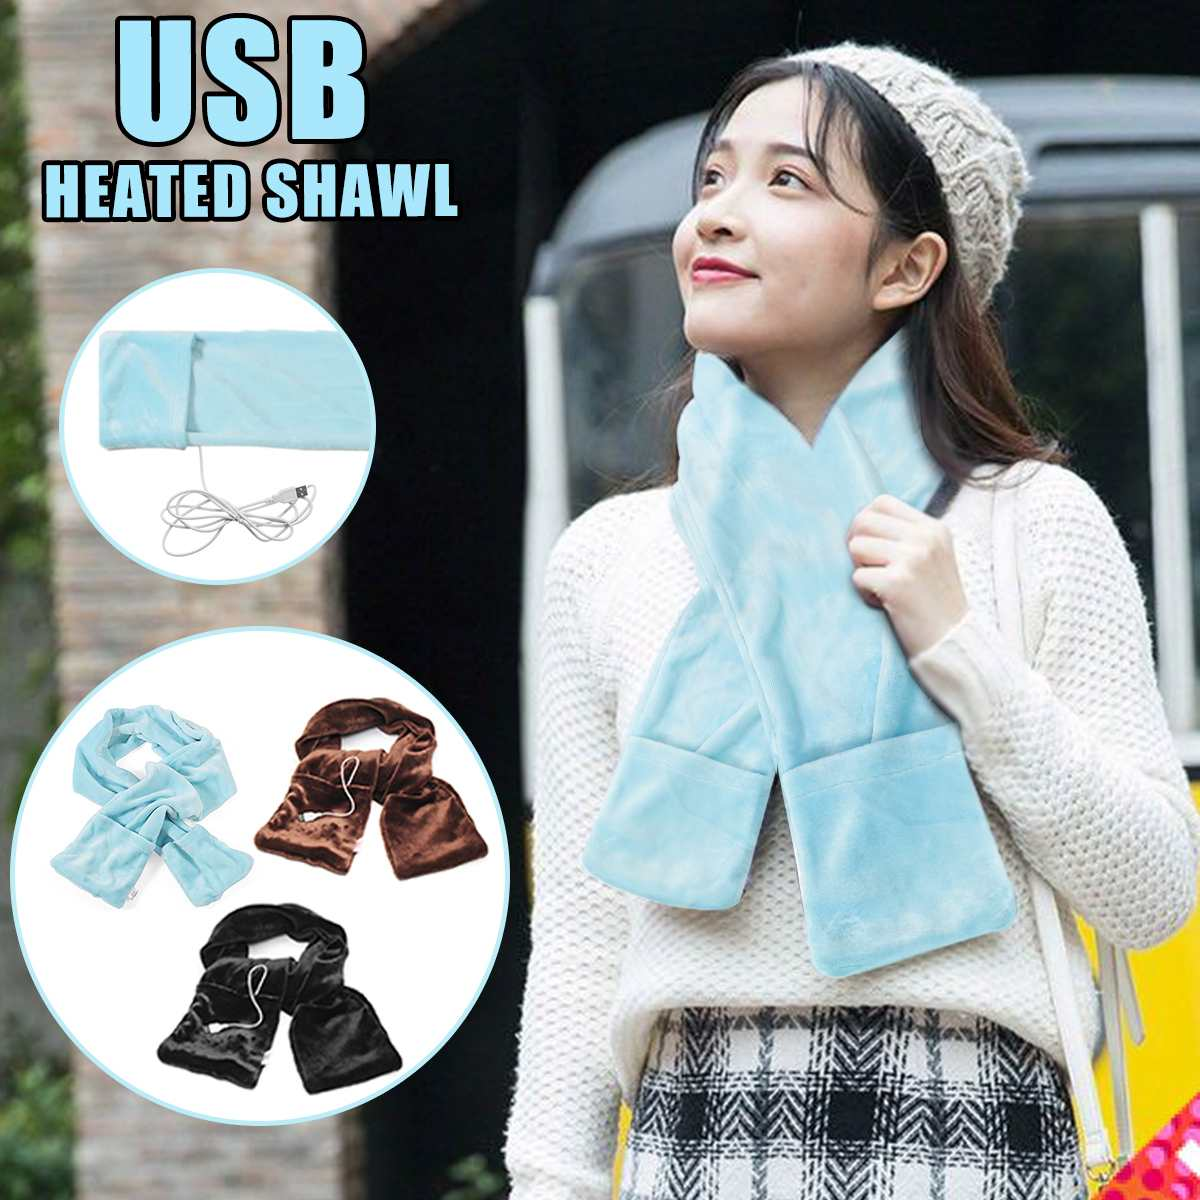 Manta de calentamiento eléctrico almohadilla de cuello de hombro chal de calefacción móvil USB suave 5V Invierno Caliente mano caliente manta caliente